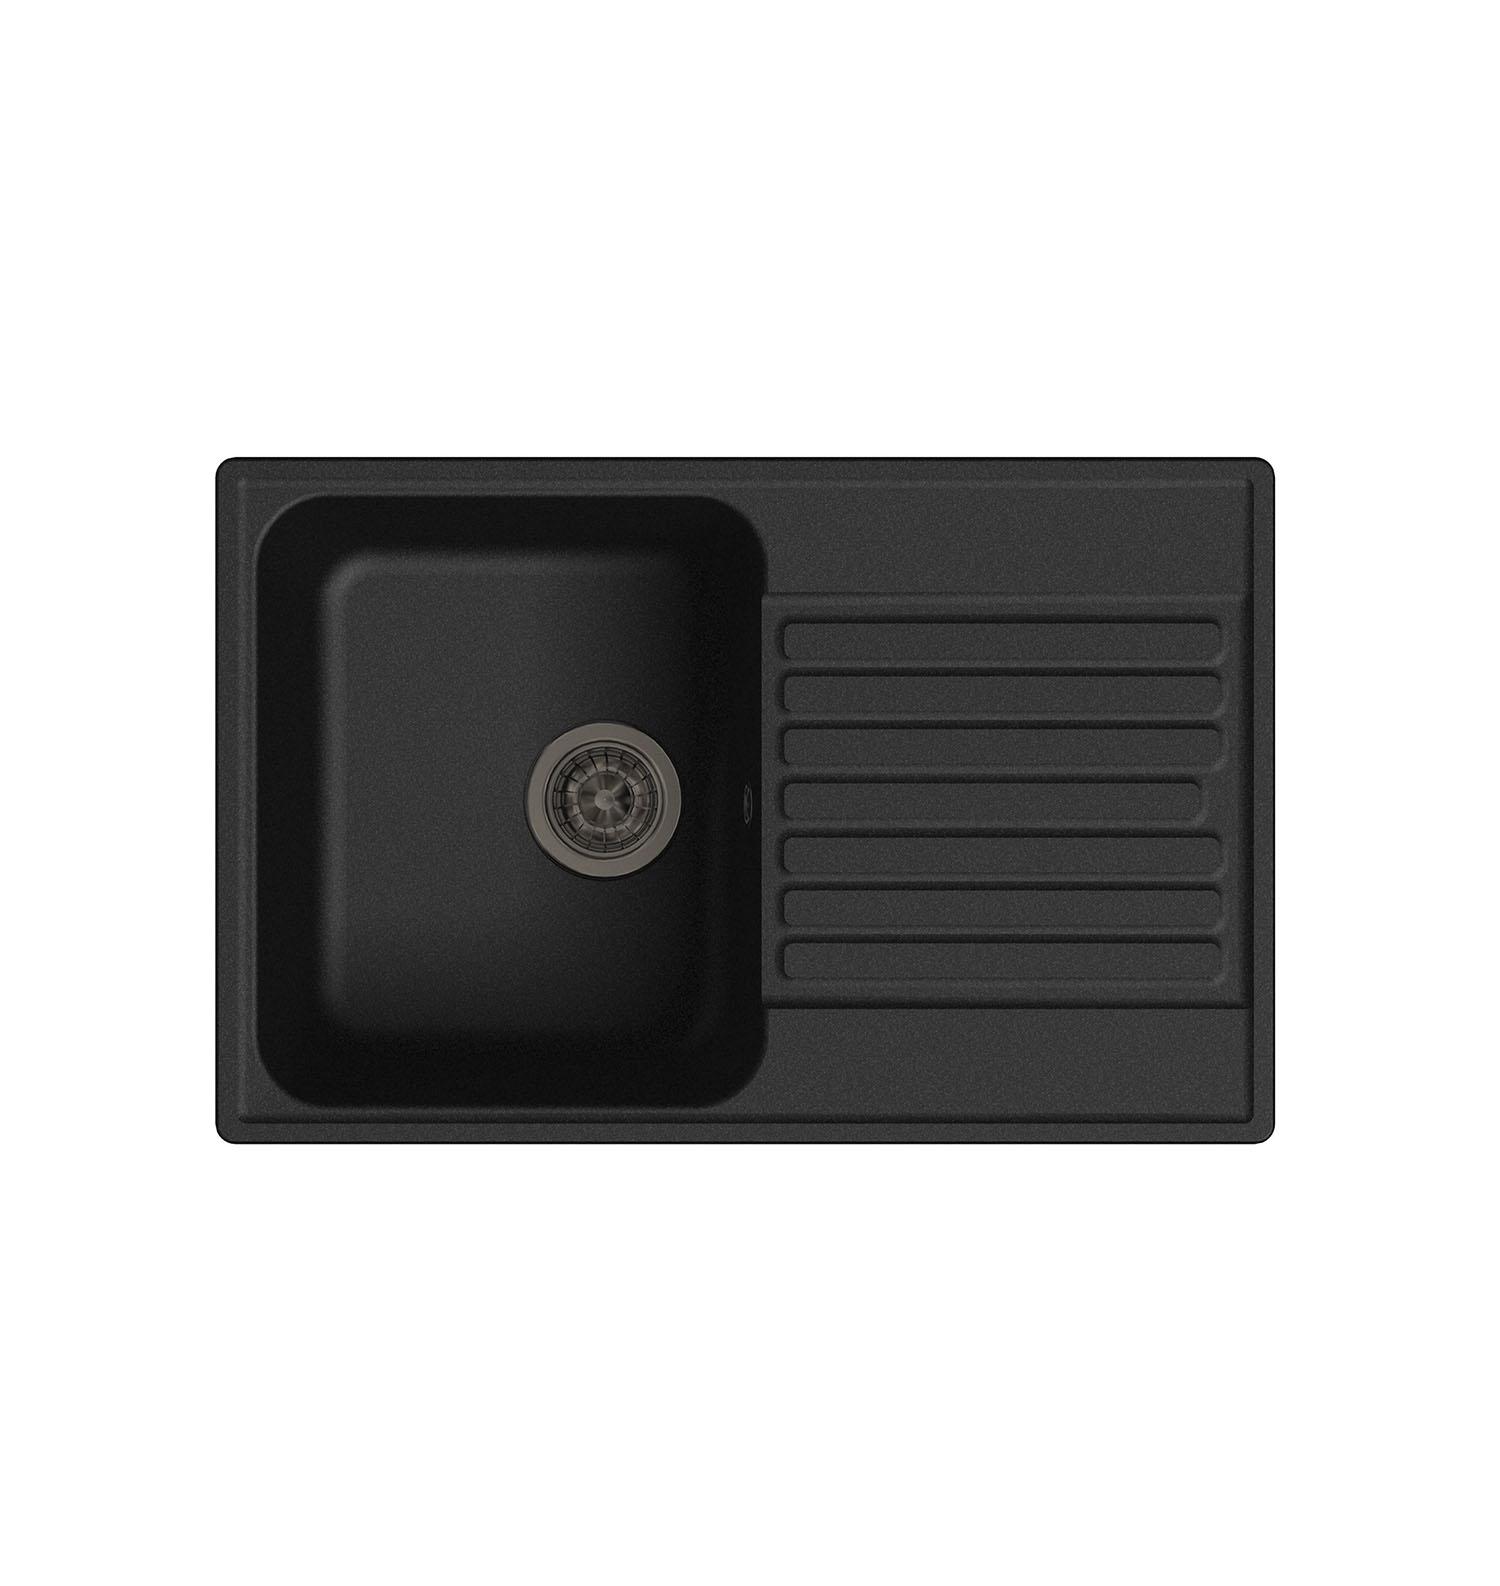 LEX Geneva 740 Black